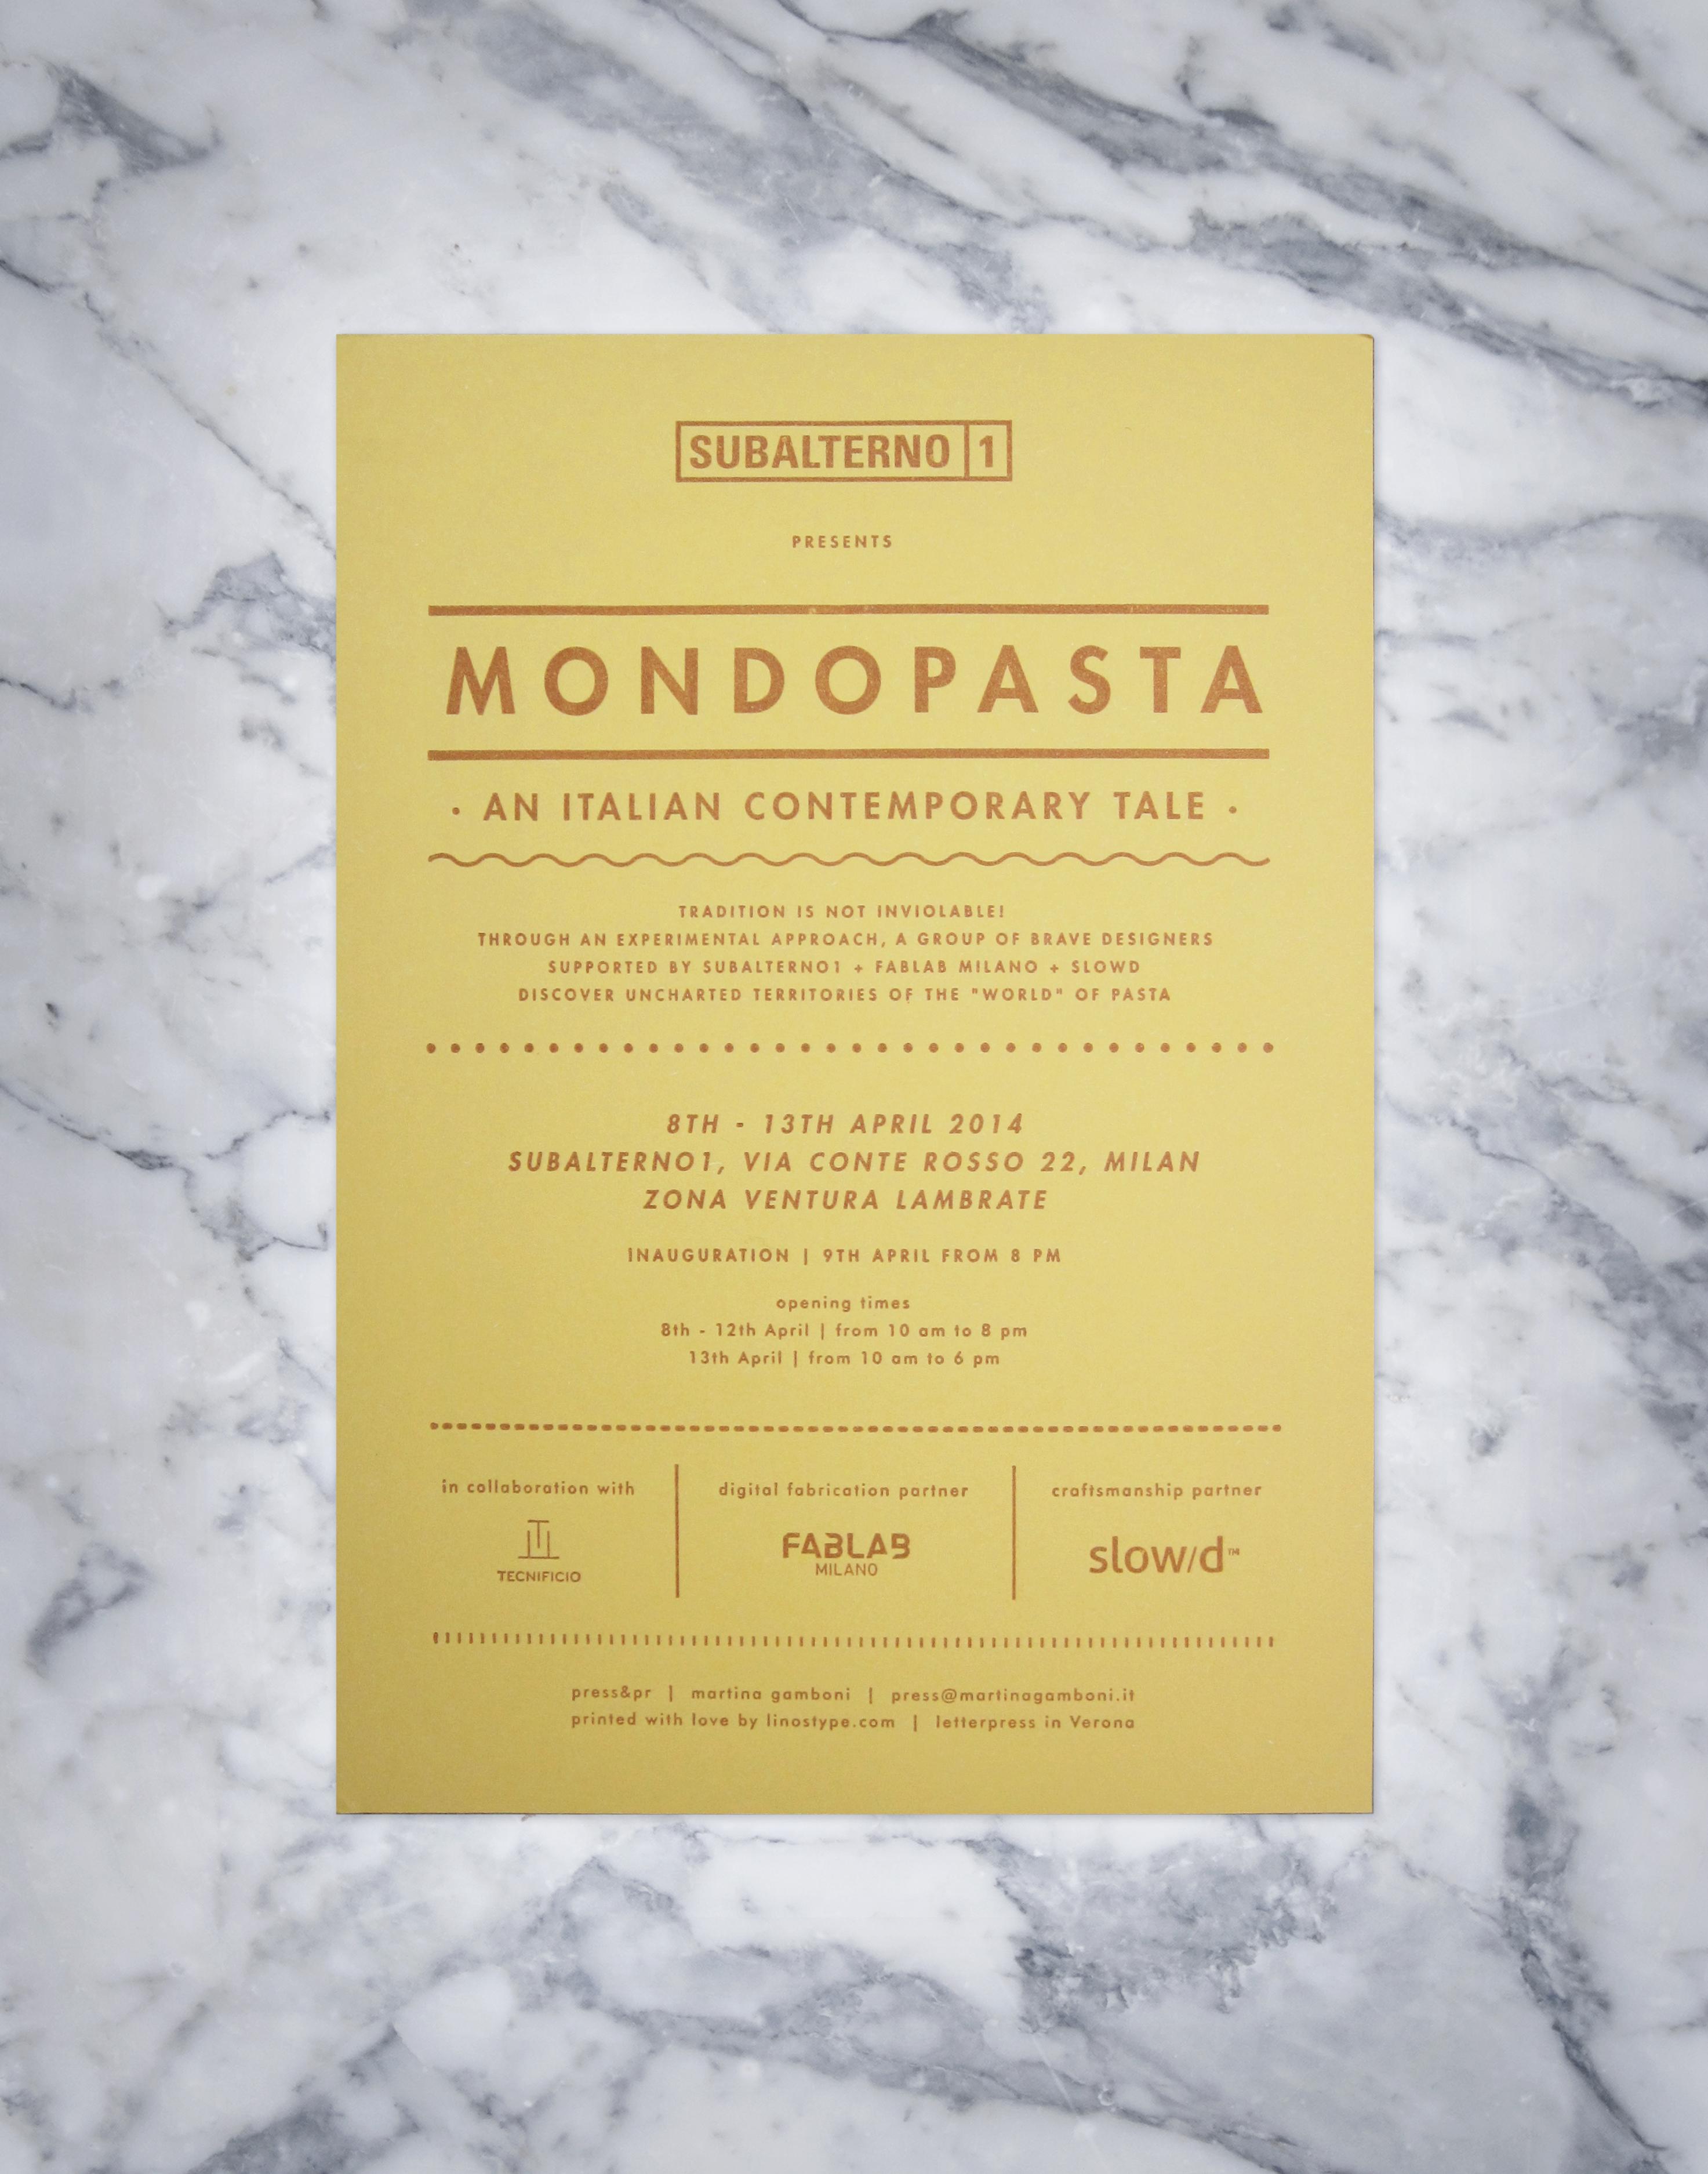 Mondopatsa_invito